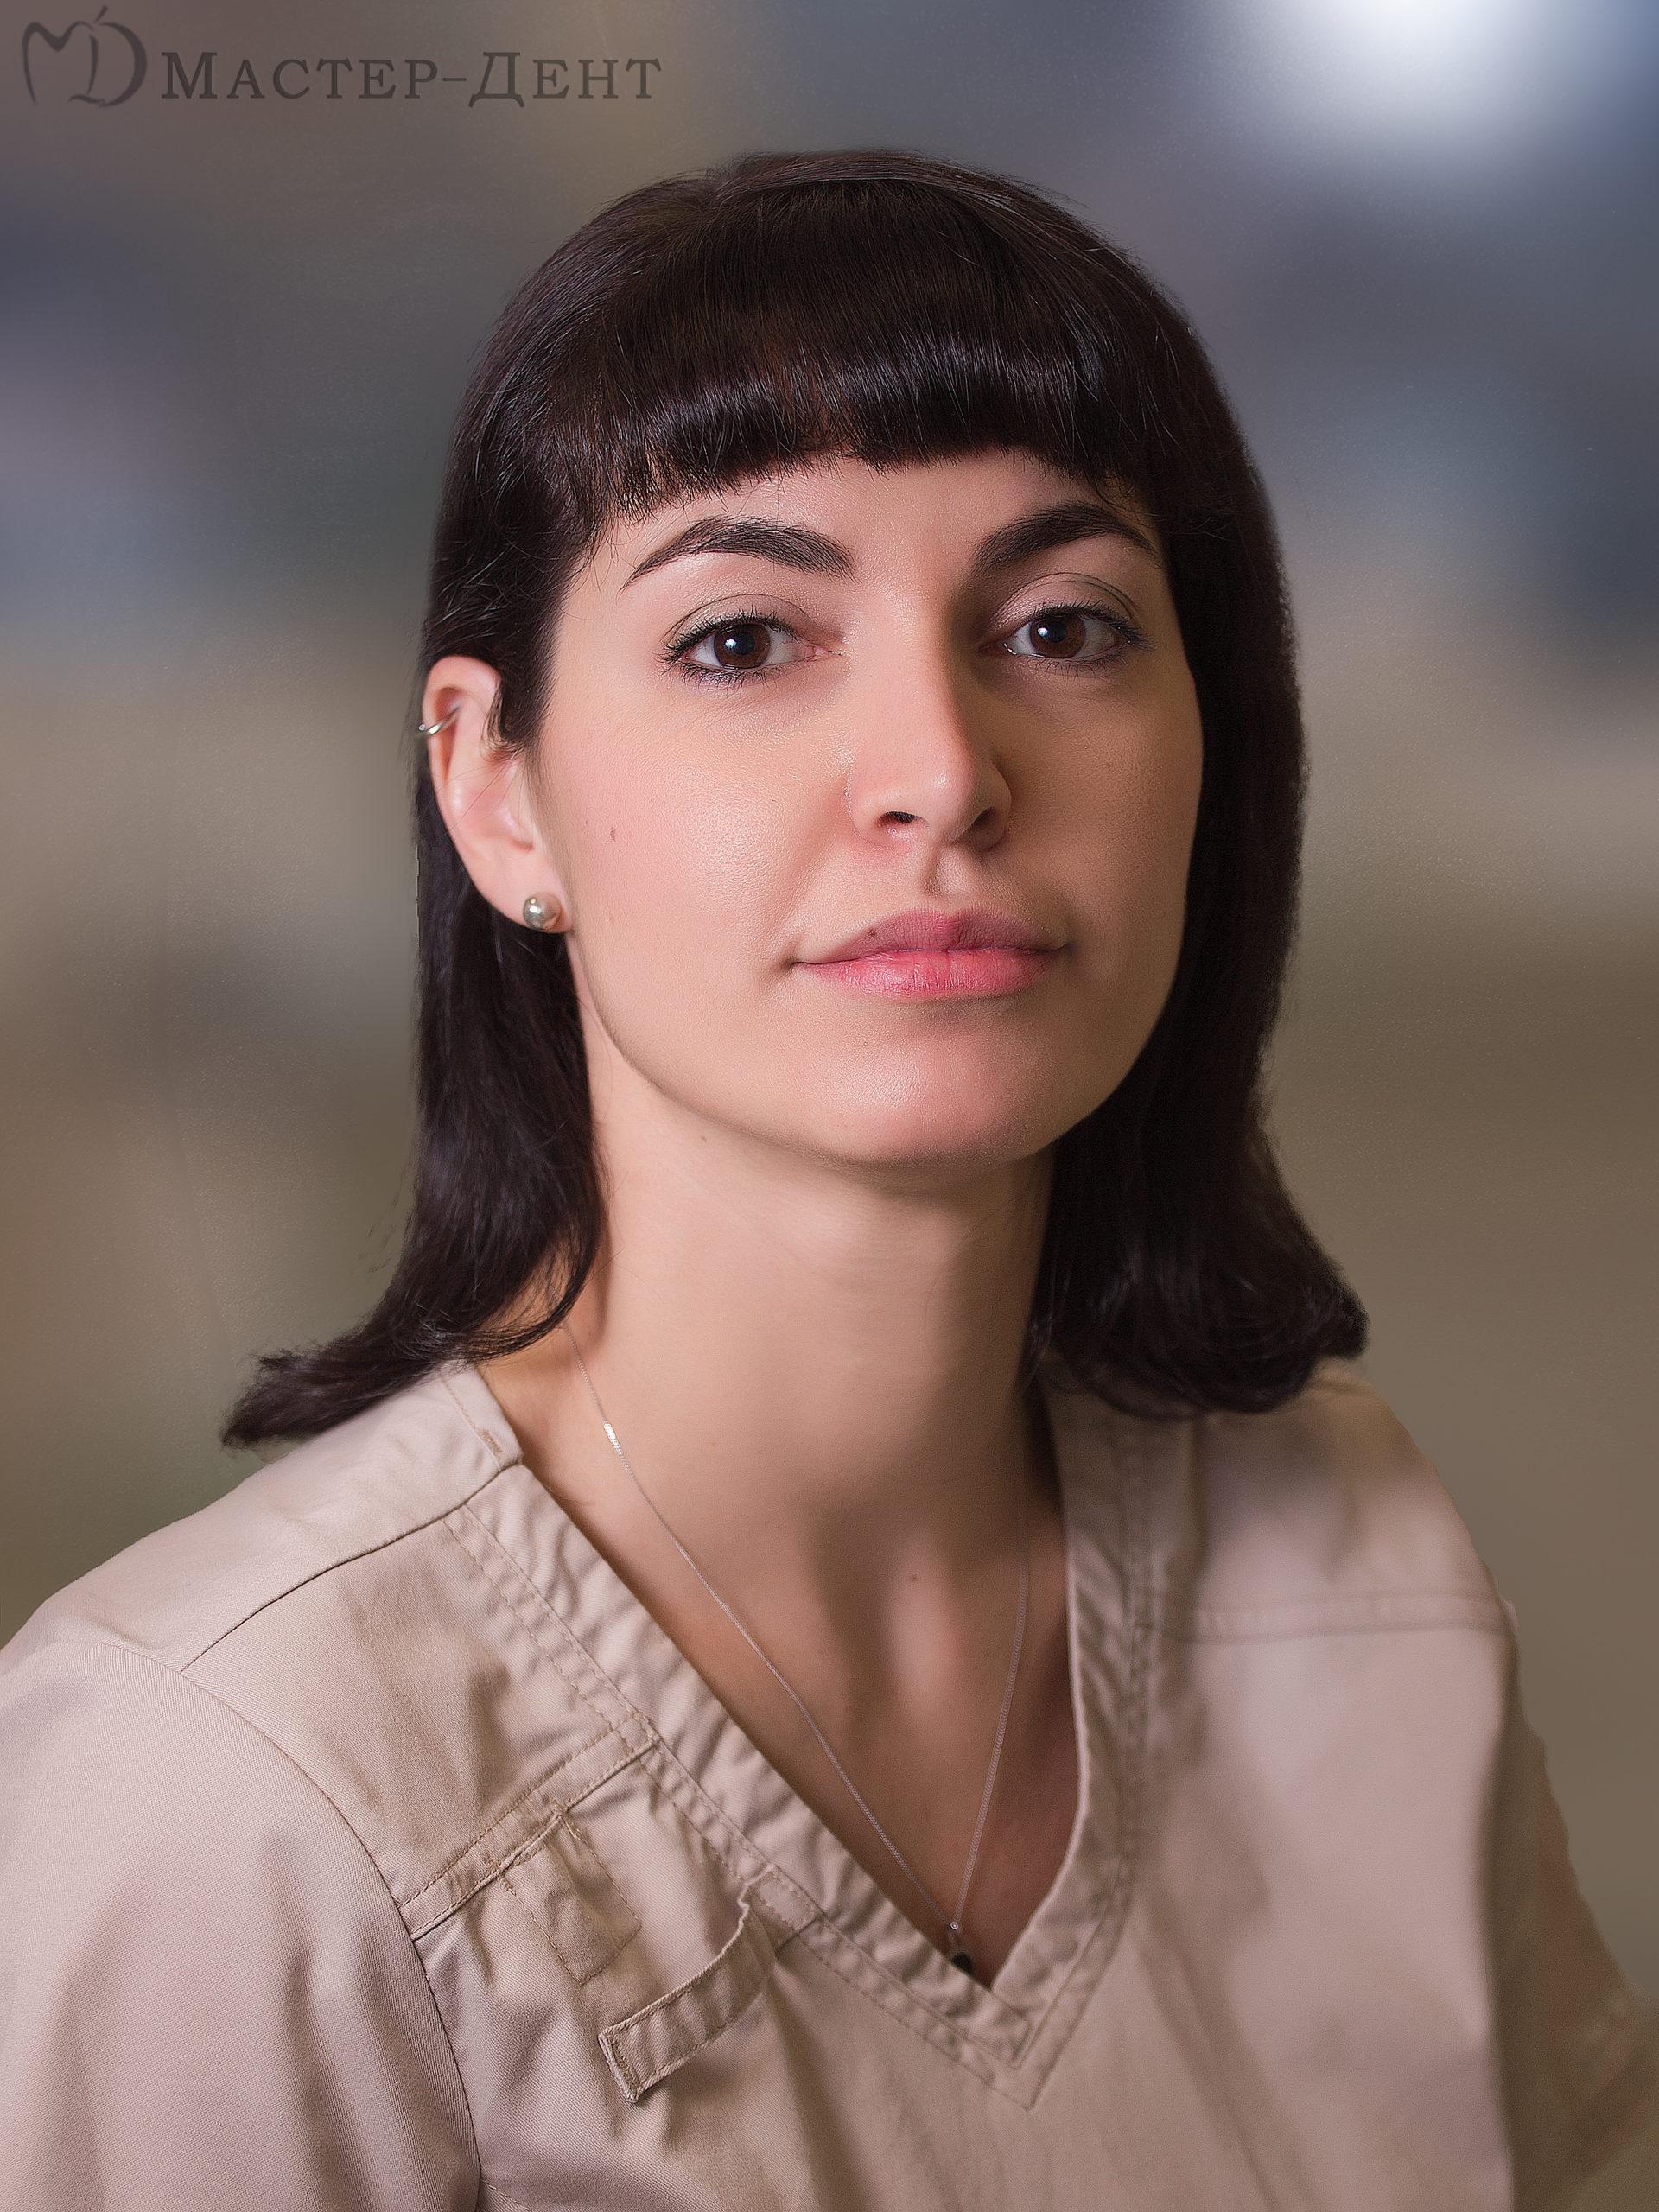 Акиньшина Мария Владимировна